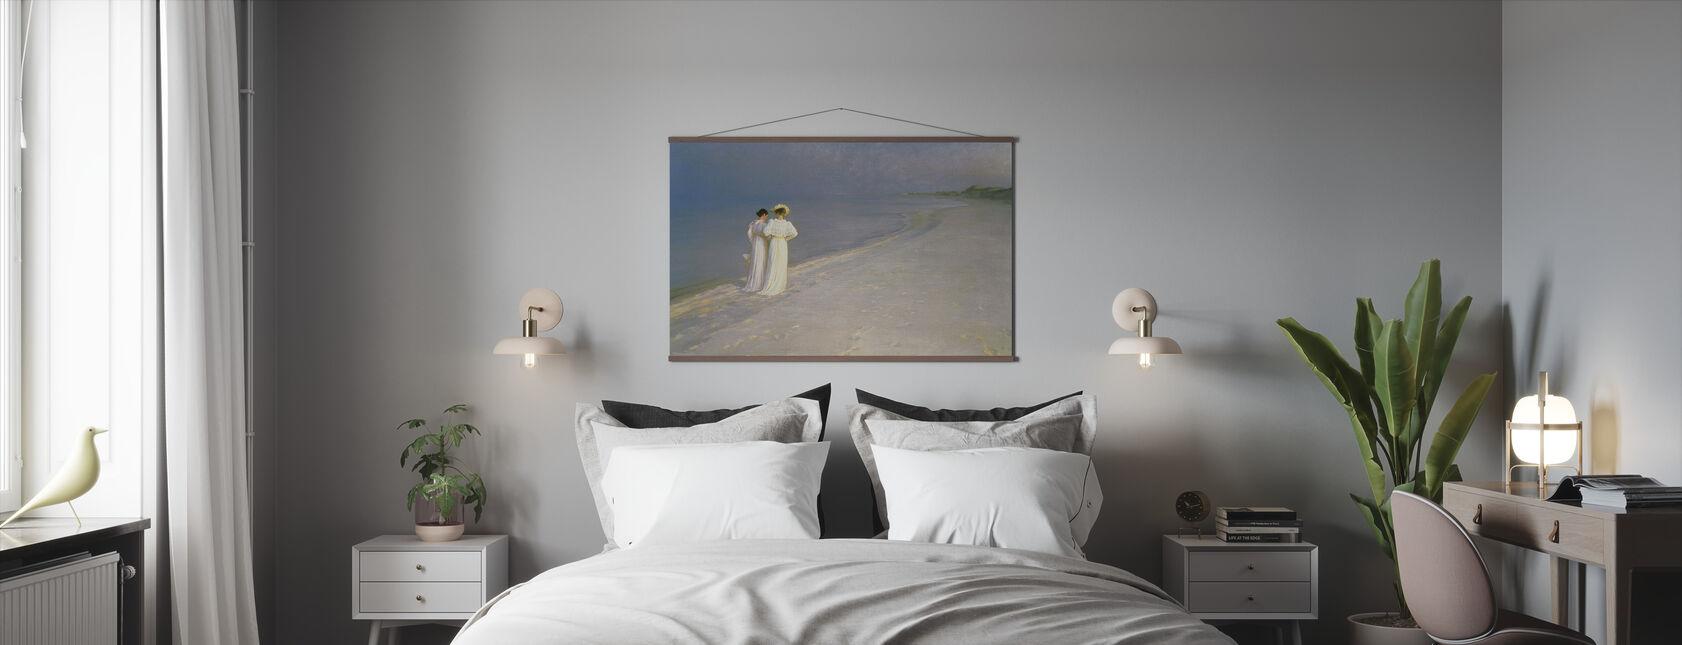 Sommarkväll på Skagens södra strand med Anna Ancher och Marie Kroyer - Peder Severin Kroyer - Poster - Sovrum